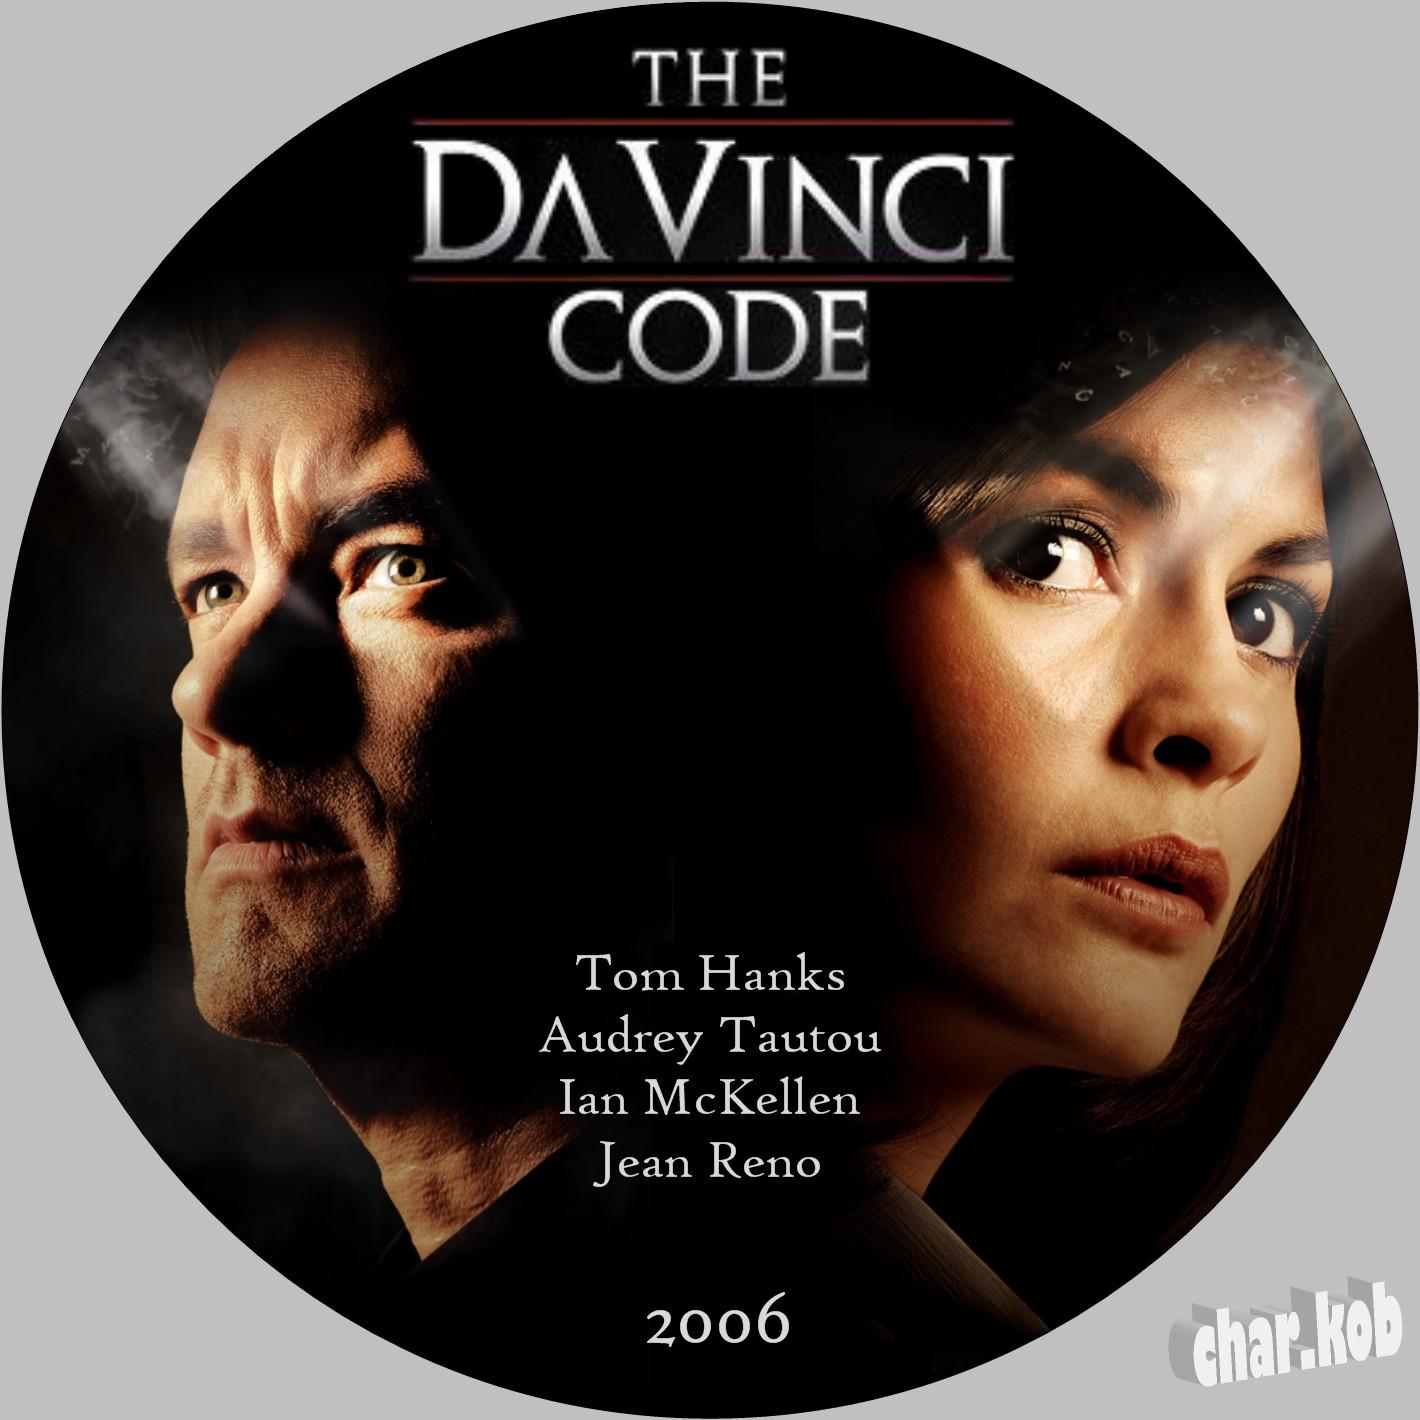 Оригинальное название: the da vinci code роберт лэнгдон занимает должность профессора в гарвардском университете